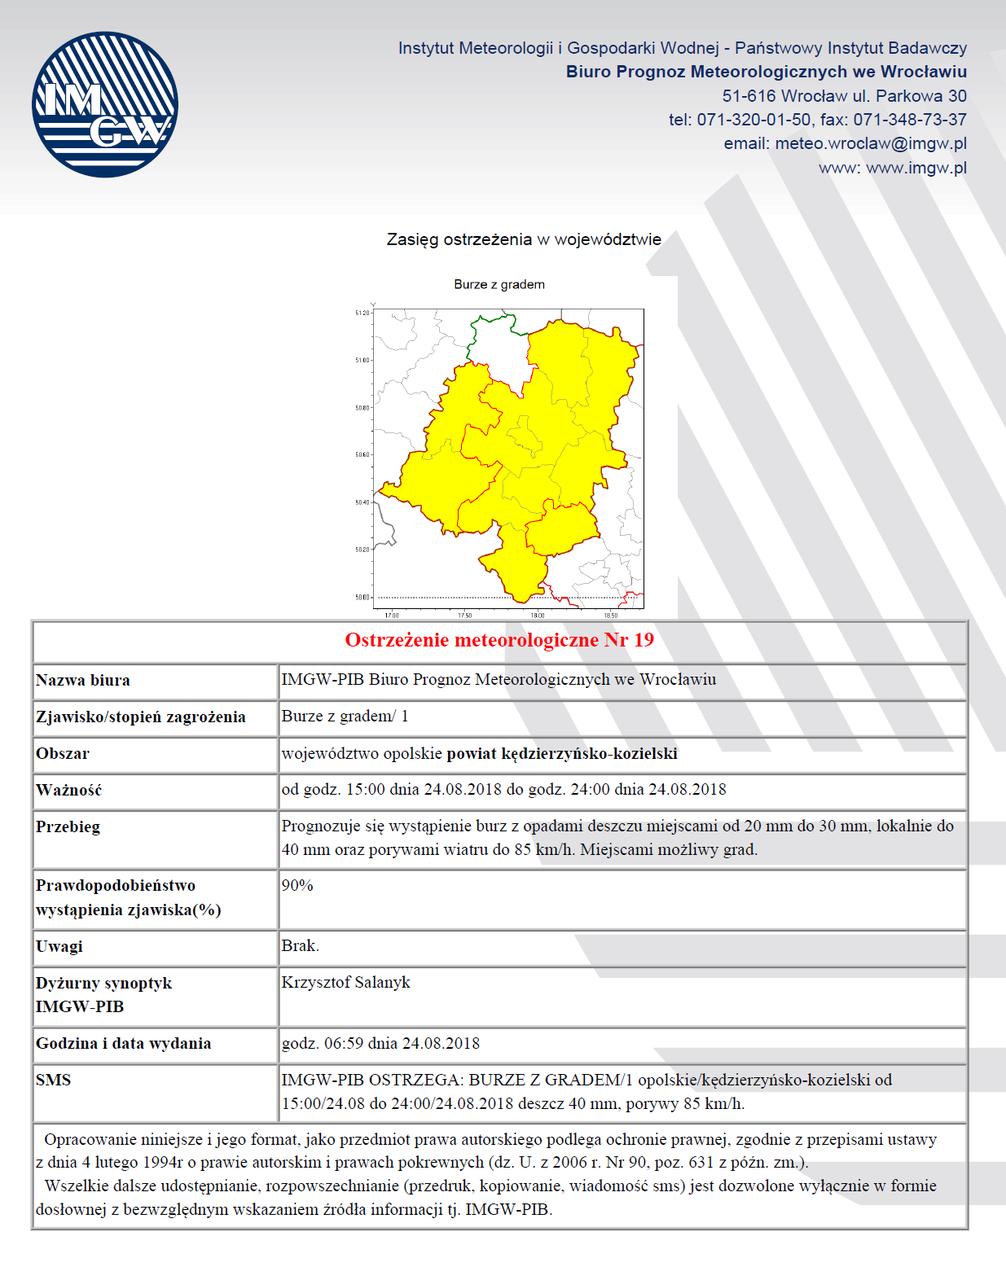 Ostrzeżenie meteorologiczne 2018-08-24 nr 19.png